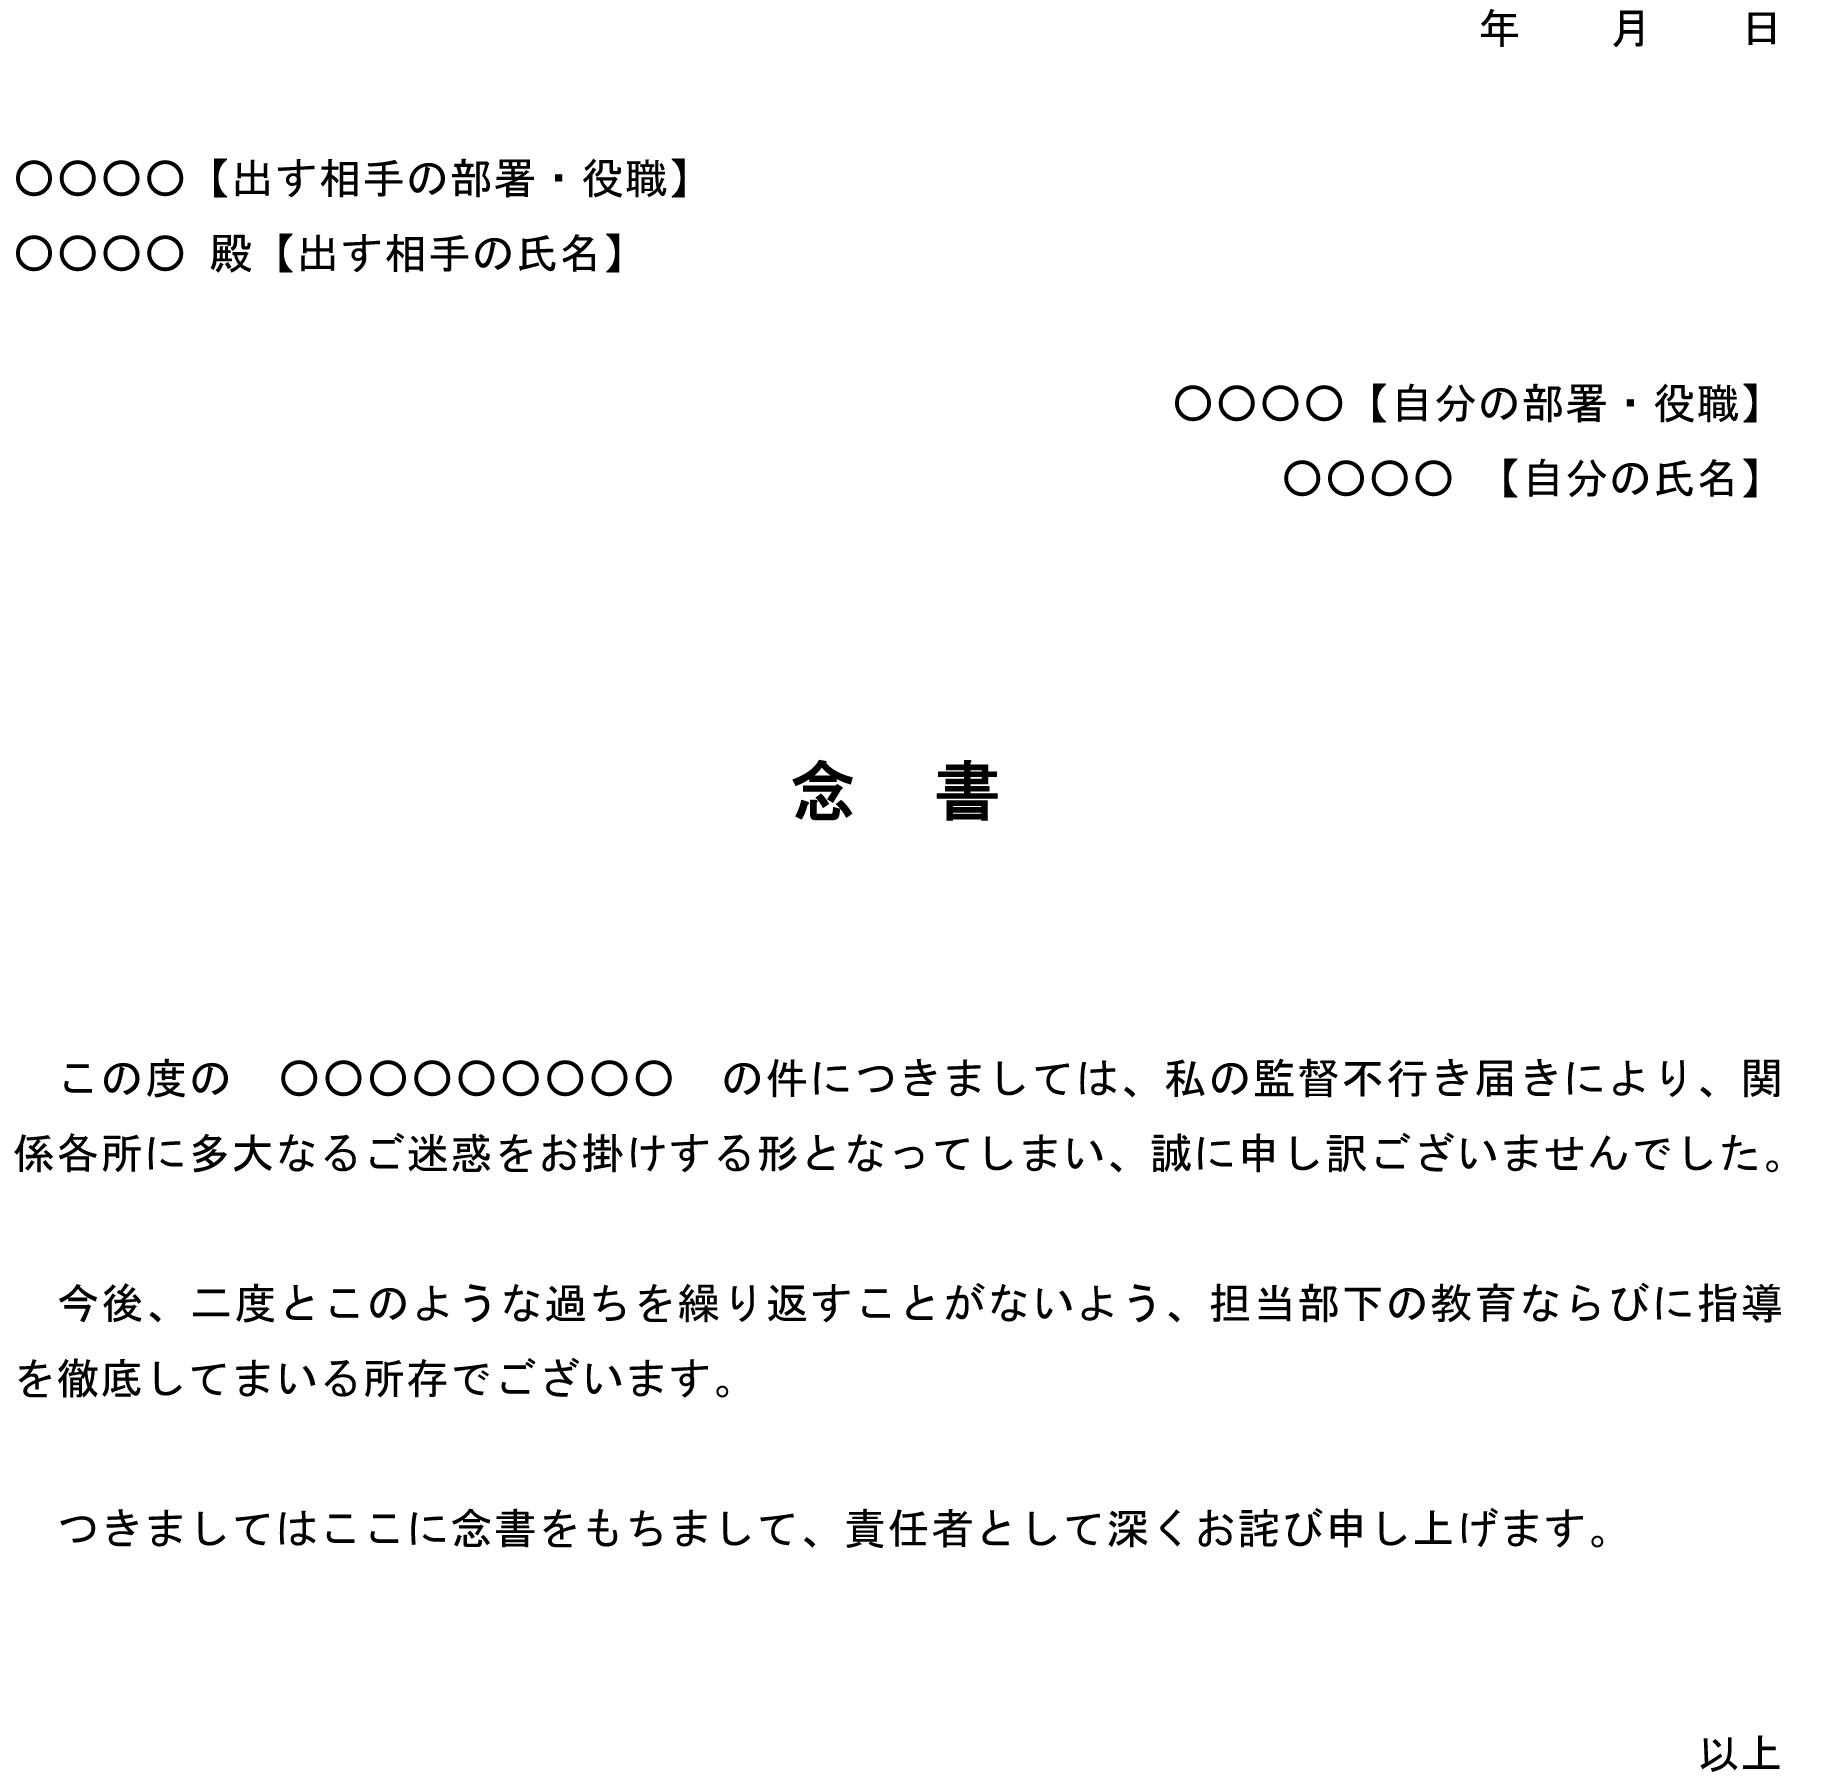 念書(社内不祥事)02